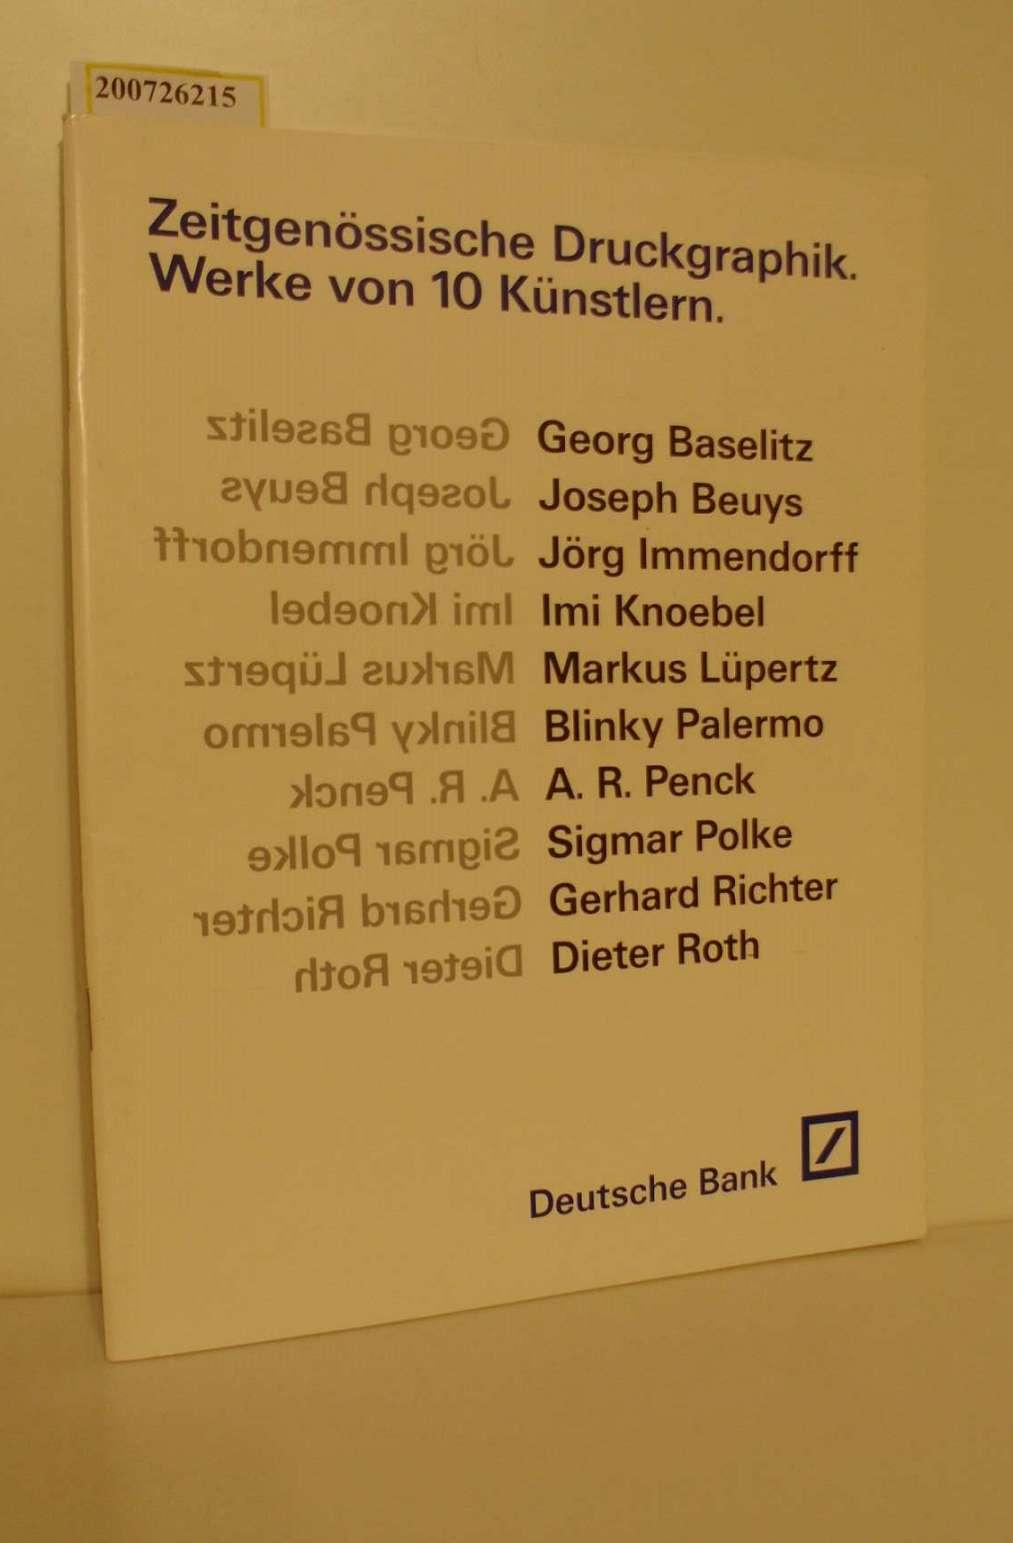 Zeitgenössische Druckgraphik : Werke von 10 Künstlern ; [Georg Baselitz ...] / [Deutsche Bank]